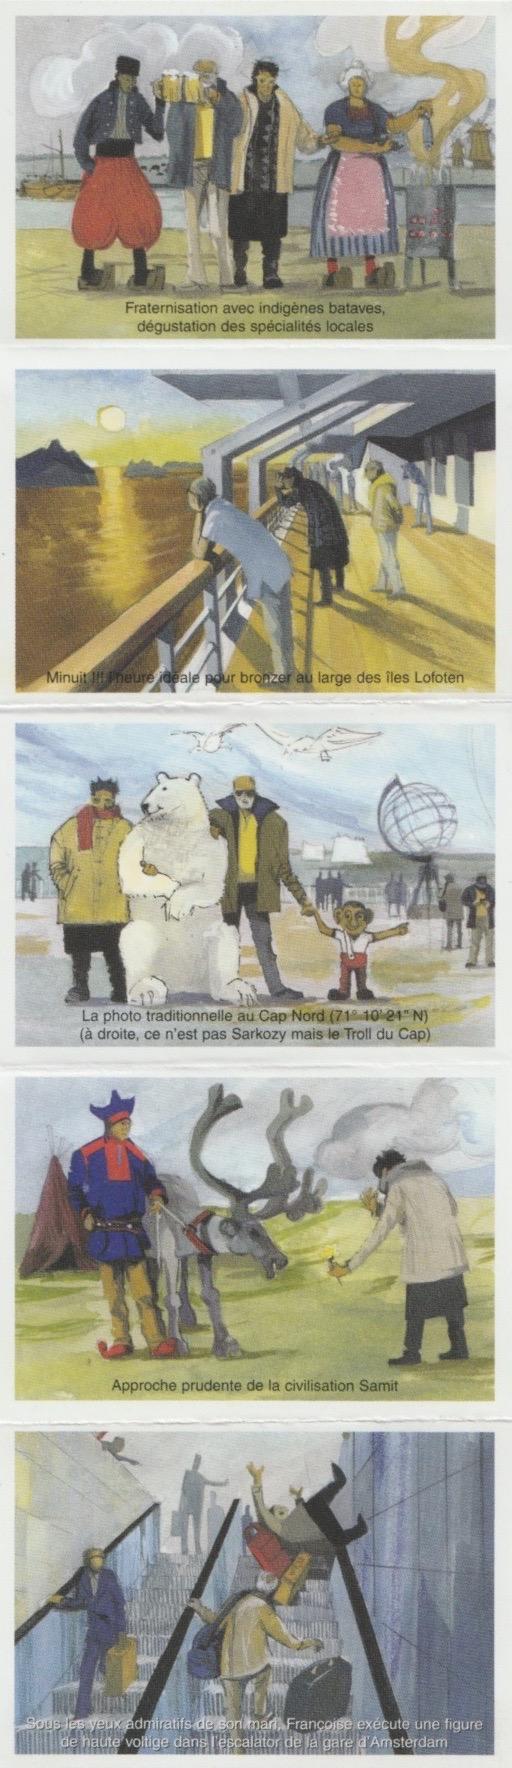 2003 - Les Zurbains vous souhaitent une excellente nouvelle année © Famille urbain